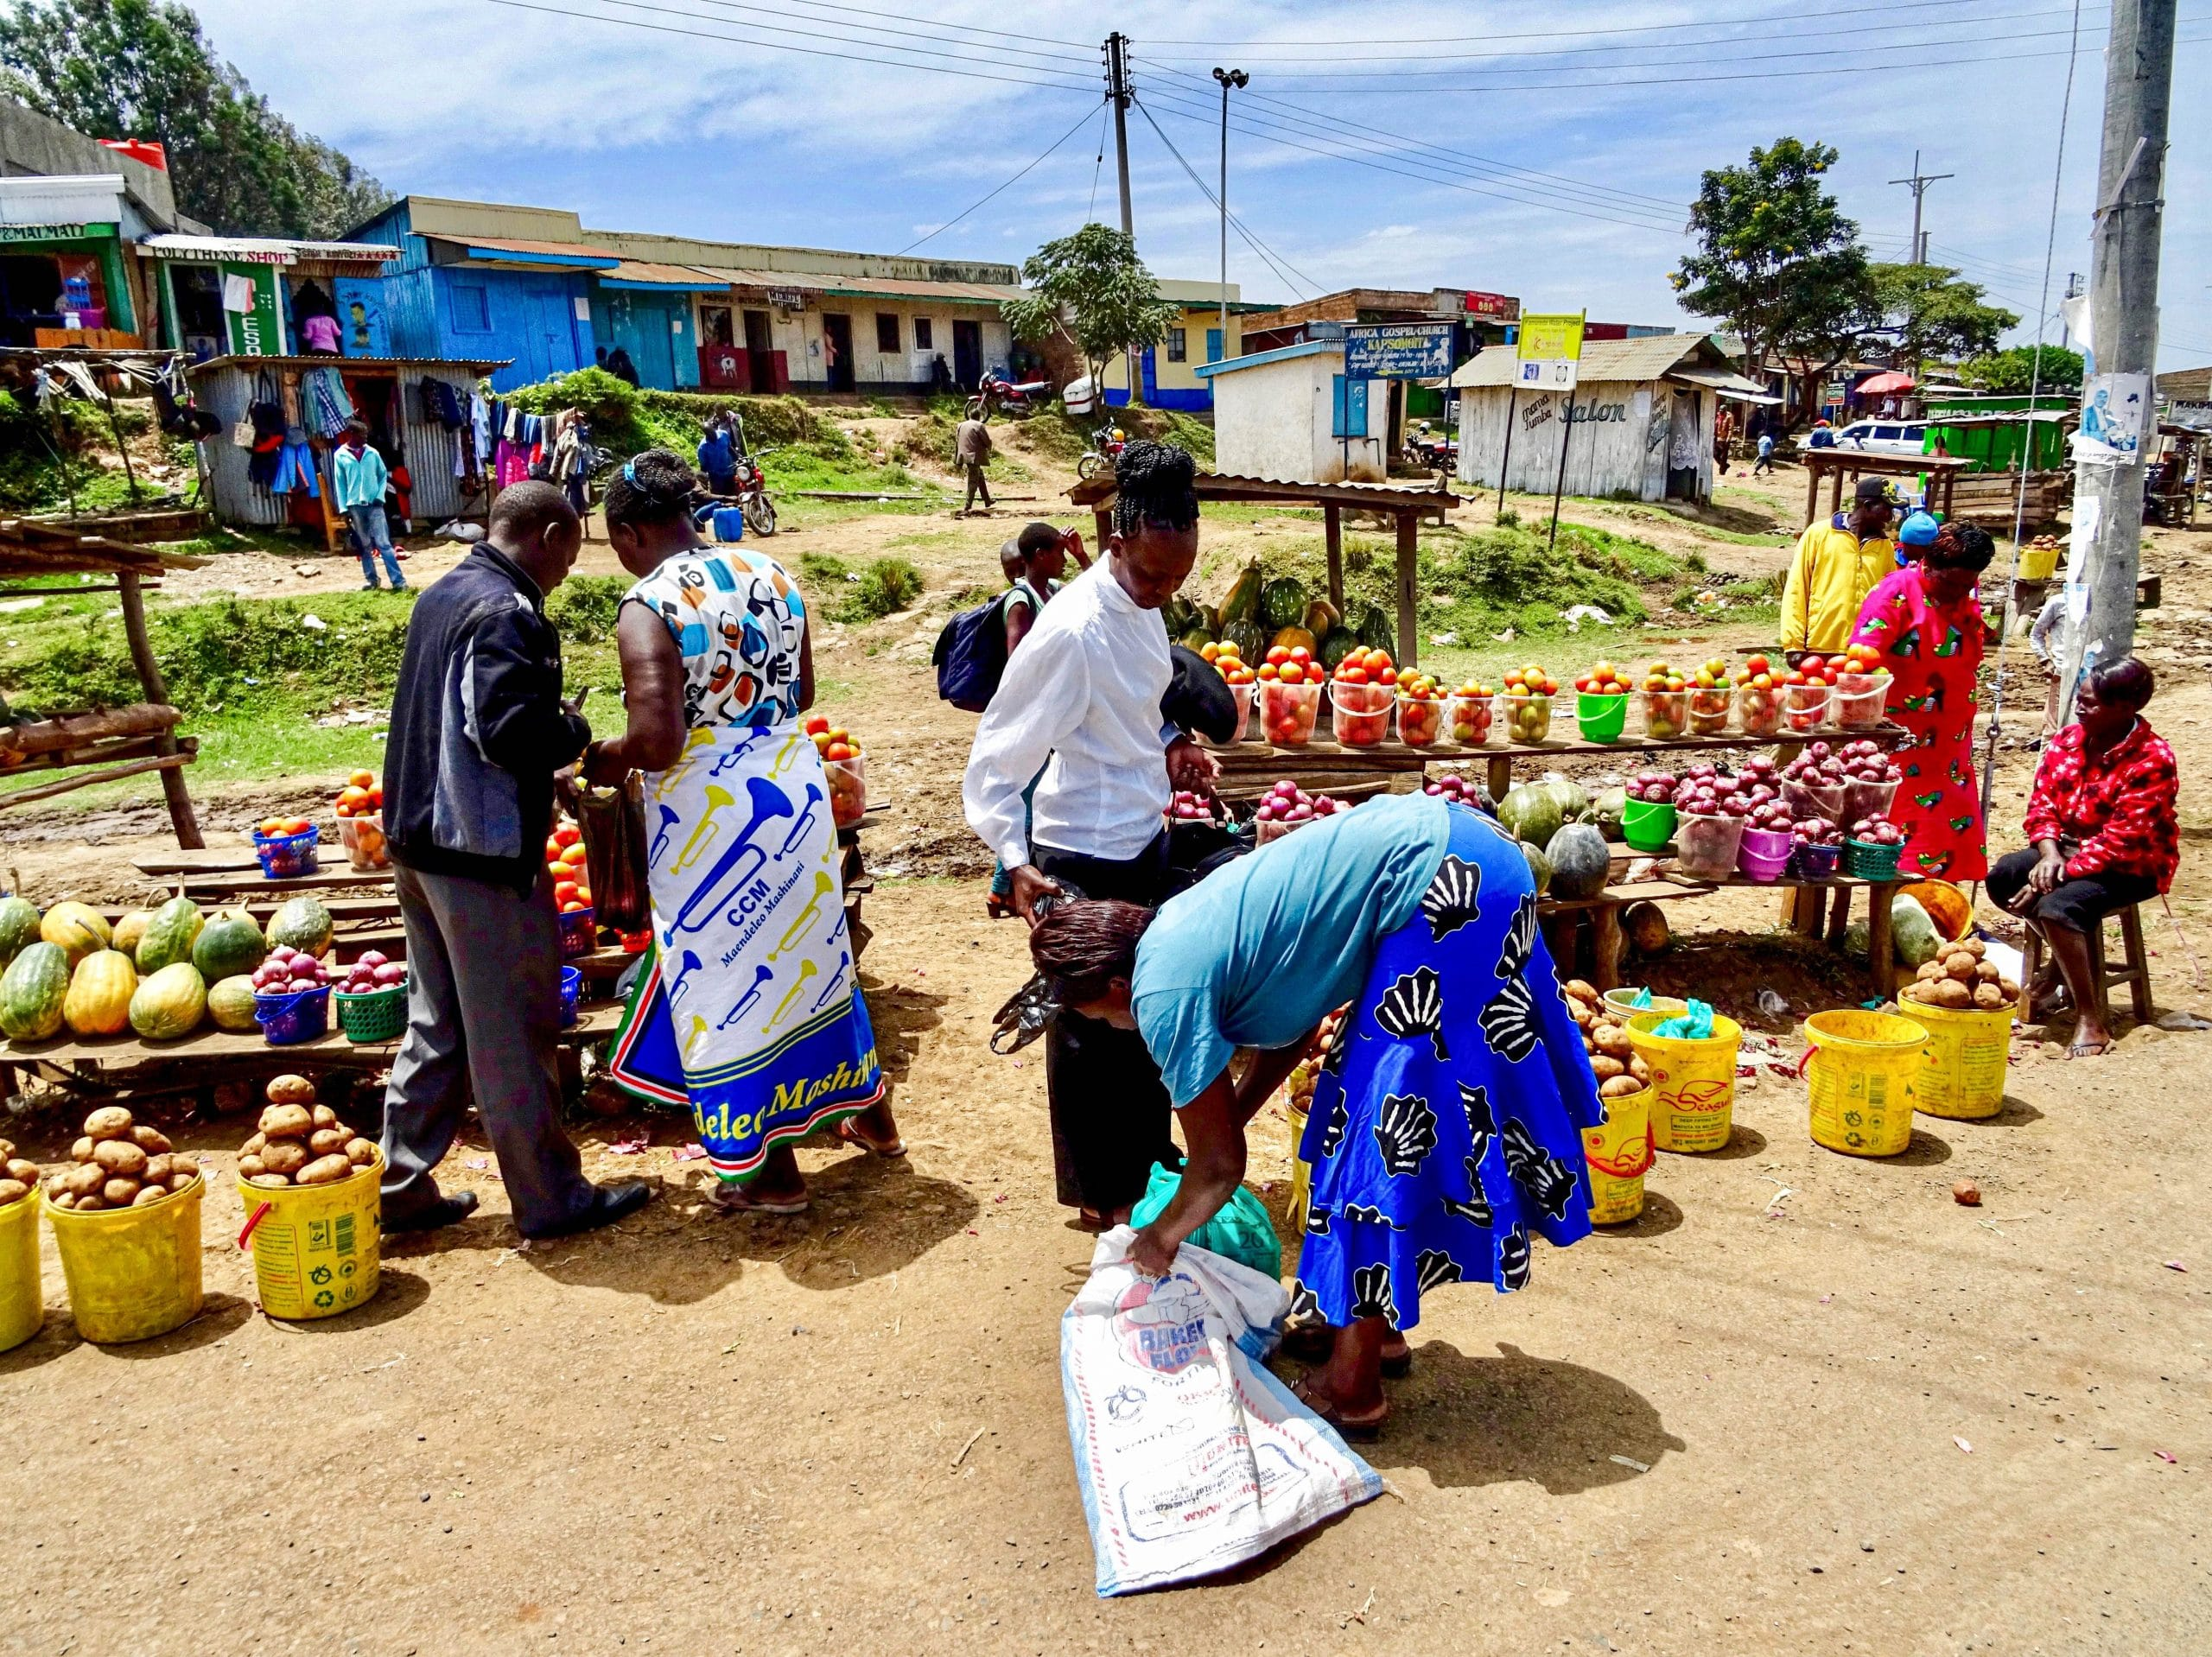 AGF kraampjes langs de weg in Chebole